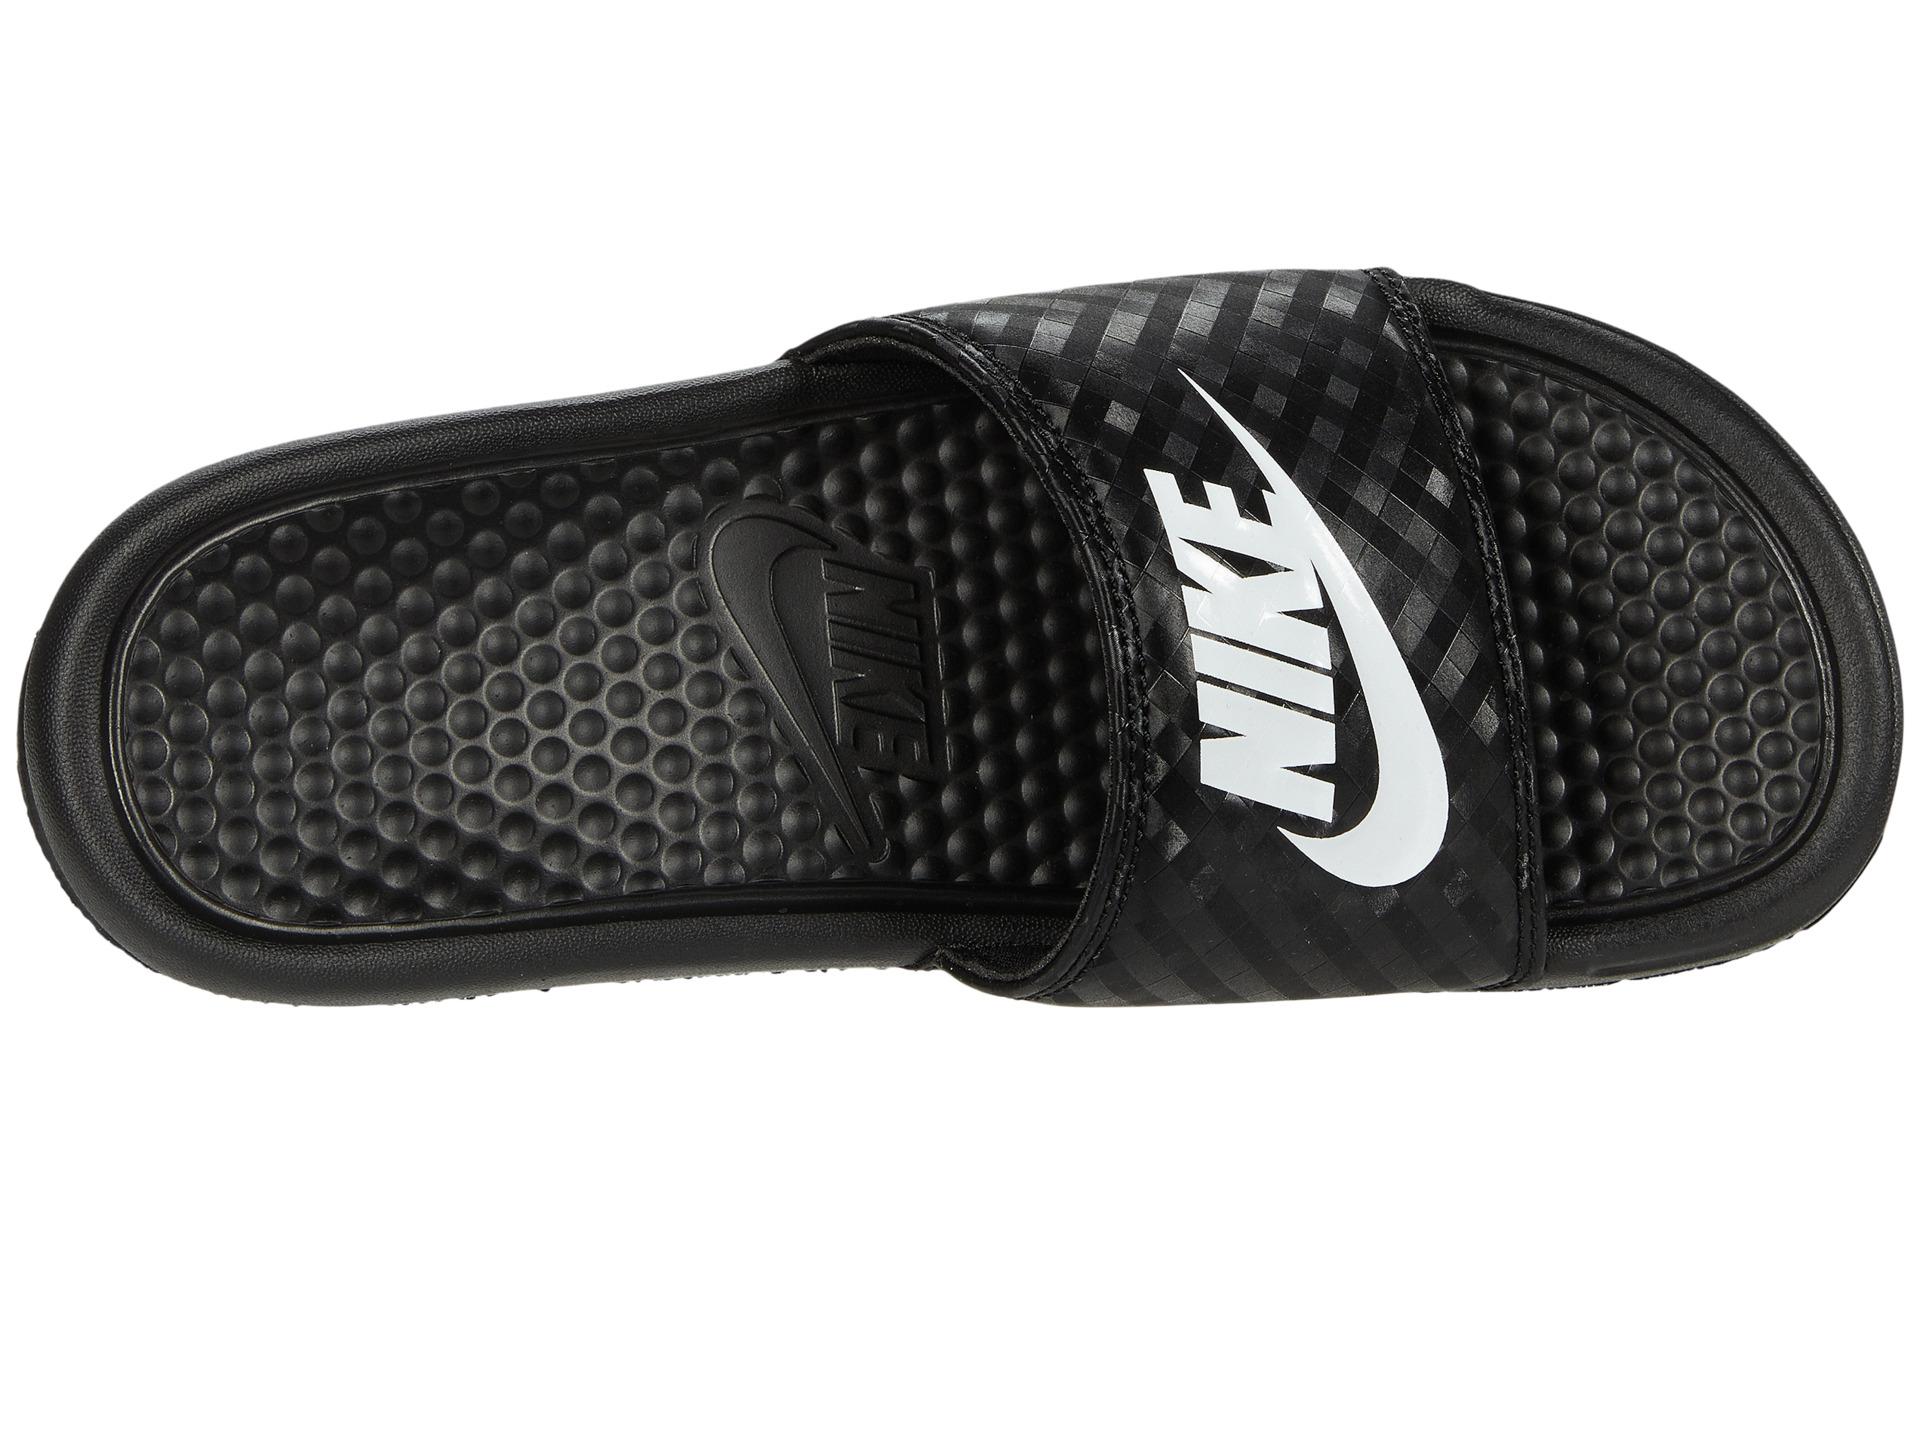 Nike Benassi JDI Slide - Zappos.com Free Shipping BOTH Ways